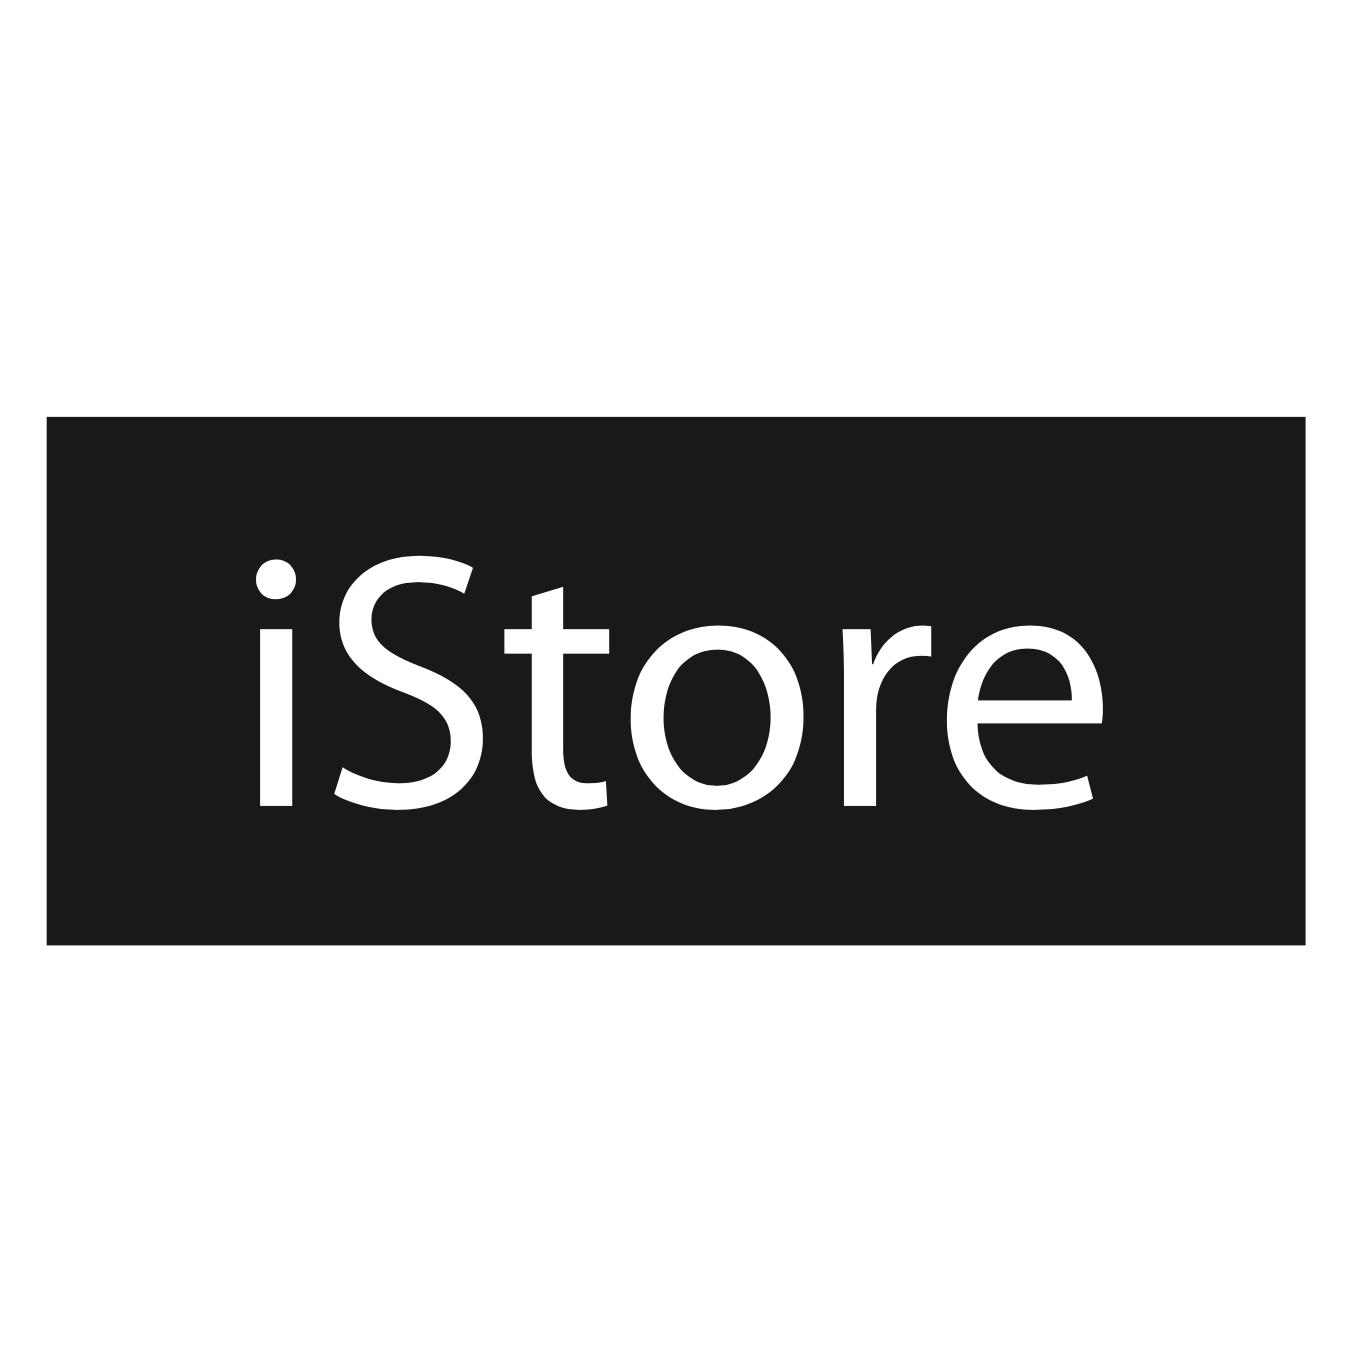 iPhone 7 Plus 256GB - Rose Gold